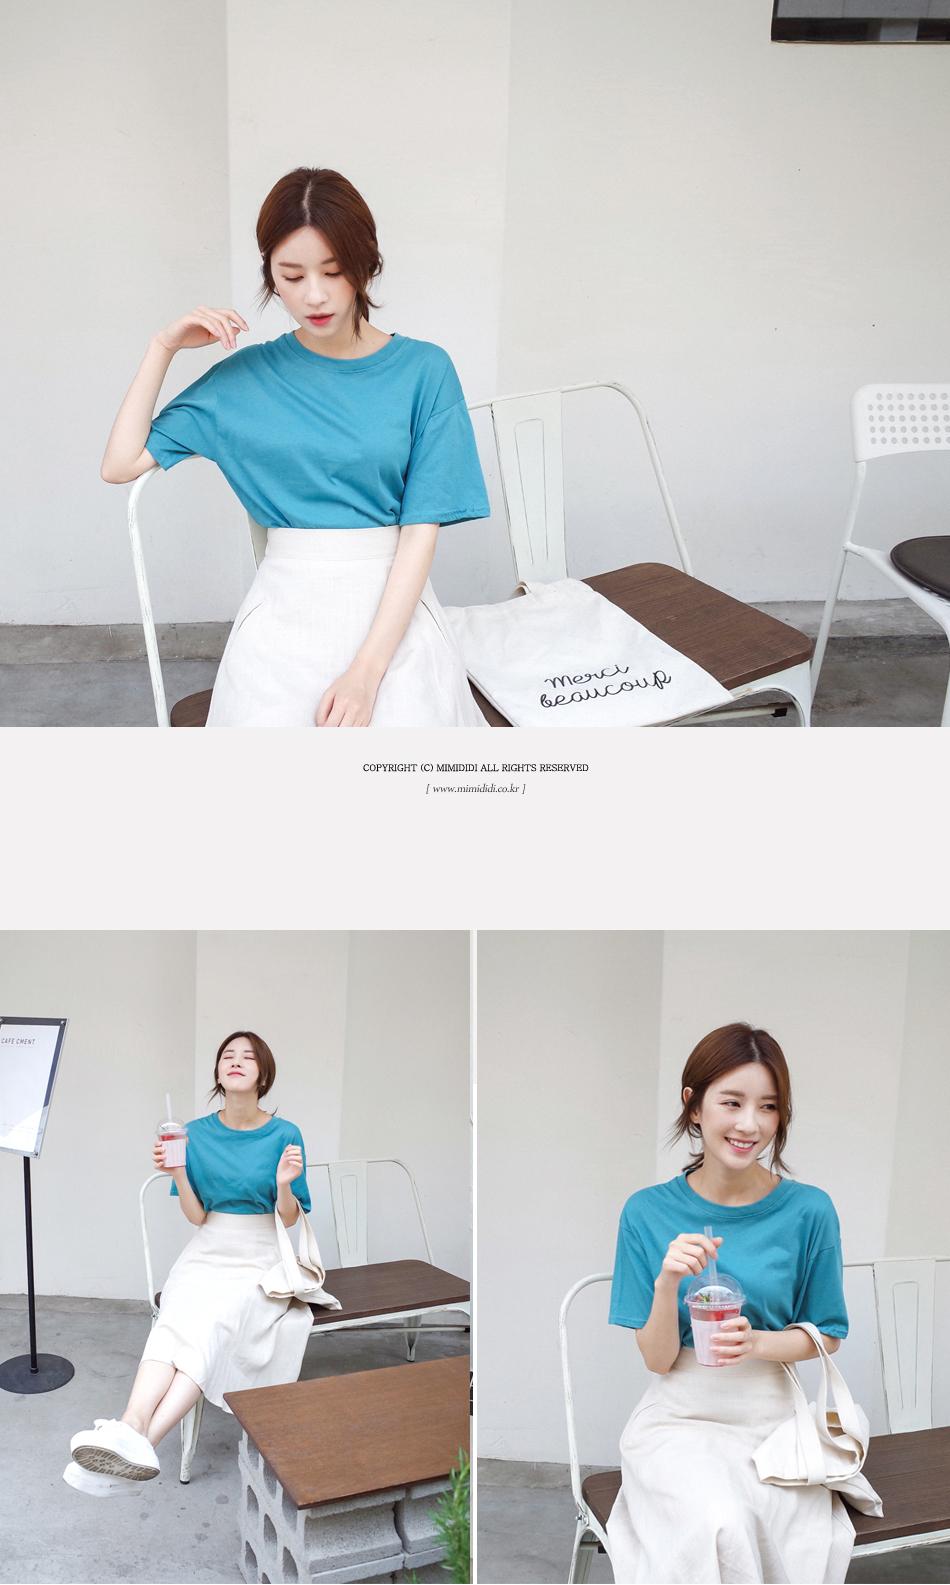 韓国コーデ, レディースファッション, 韓国通販, 韓国スタイル, 韓国のファッション, 女性, 衣類, スカート